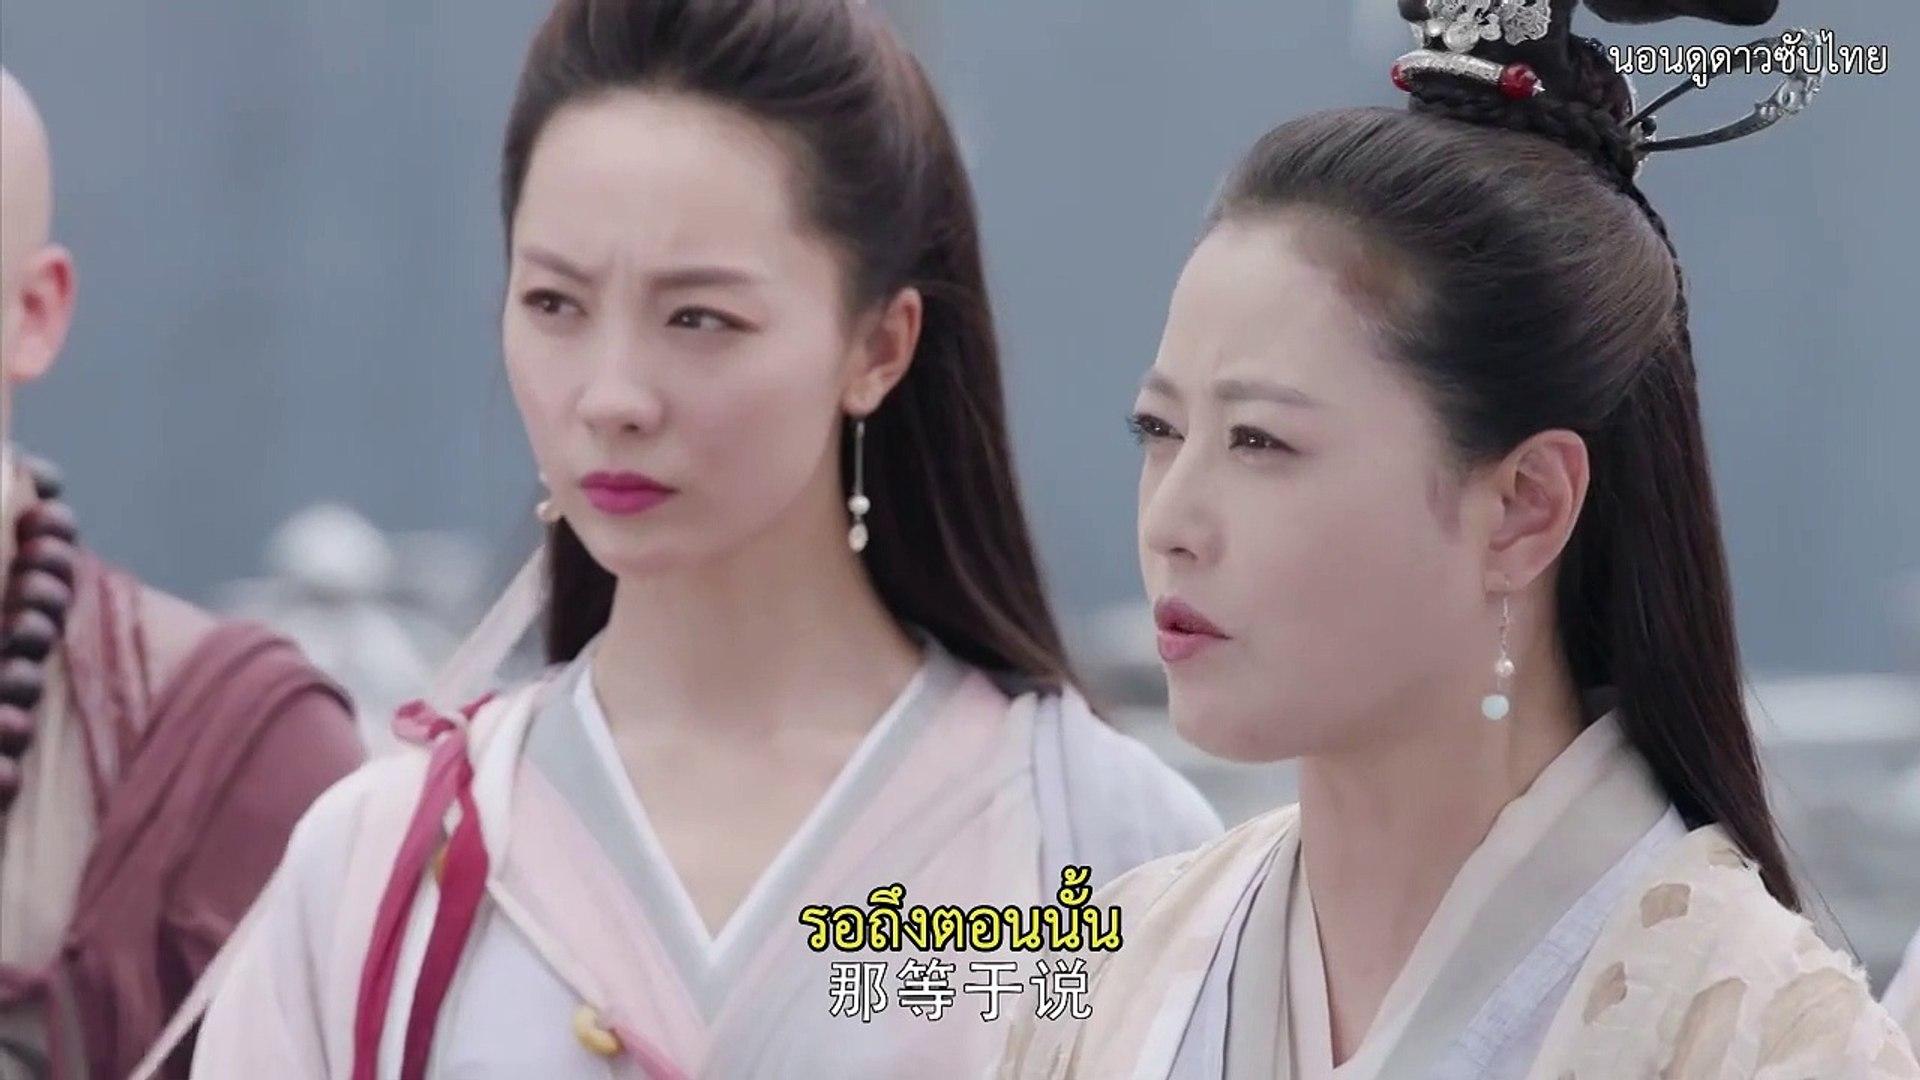 ดาบมังกรหยก2019 ซับไทย ตอนที่ 8